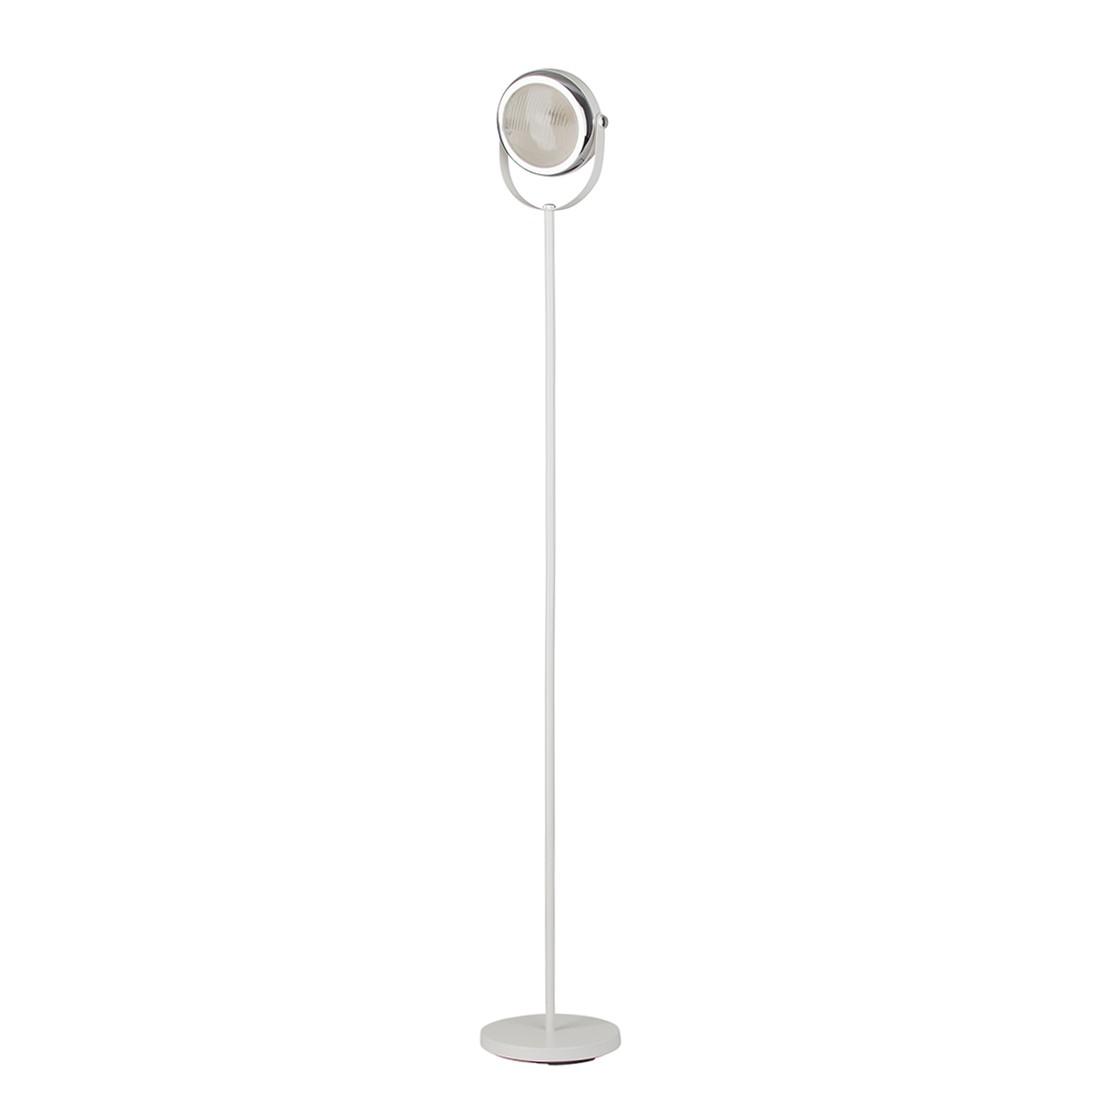 energie  A++, Staande lamp Rider - 1 lichtbron, Brilliant